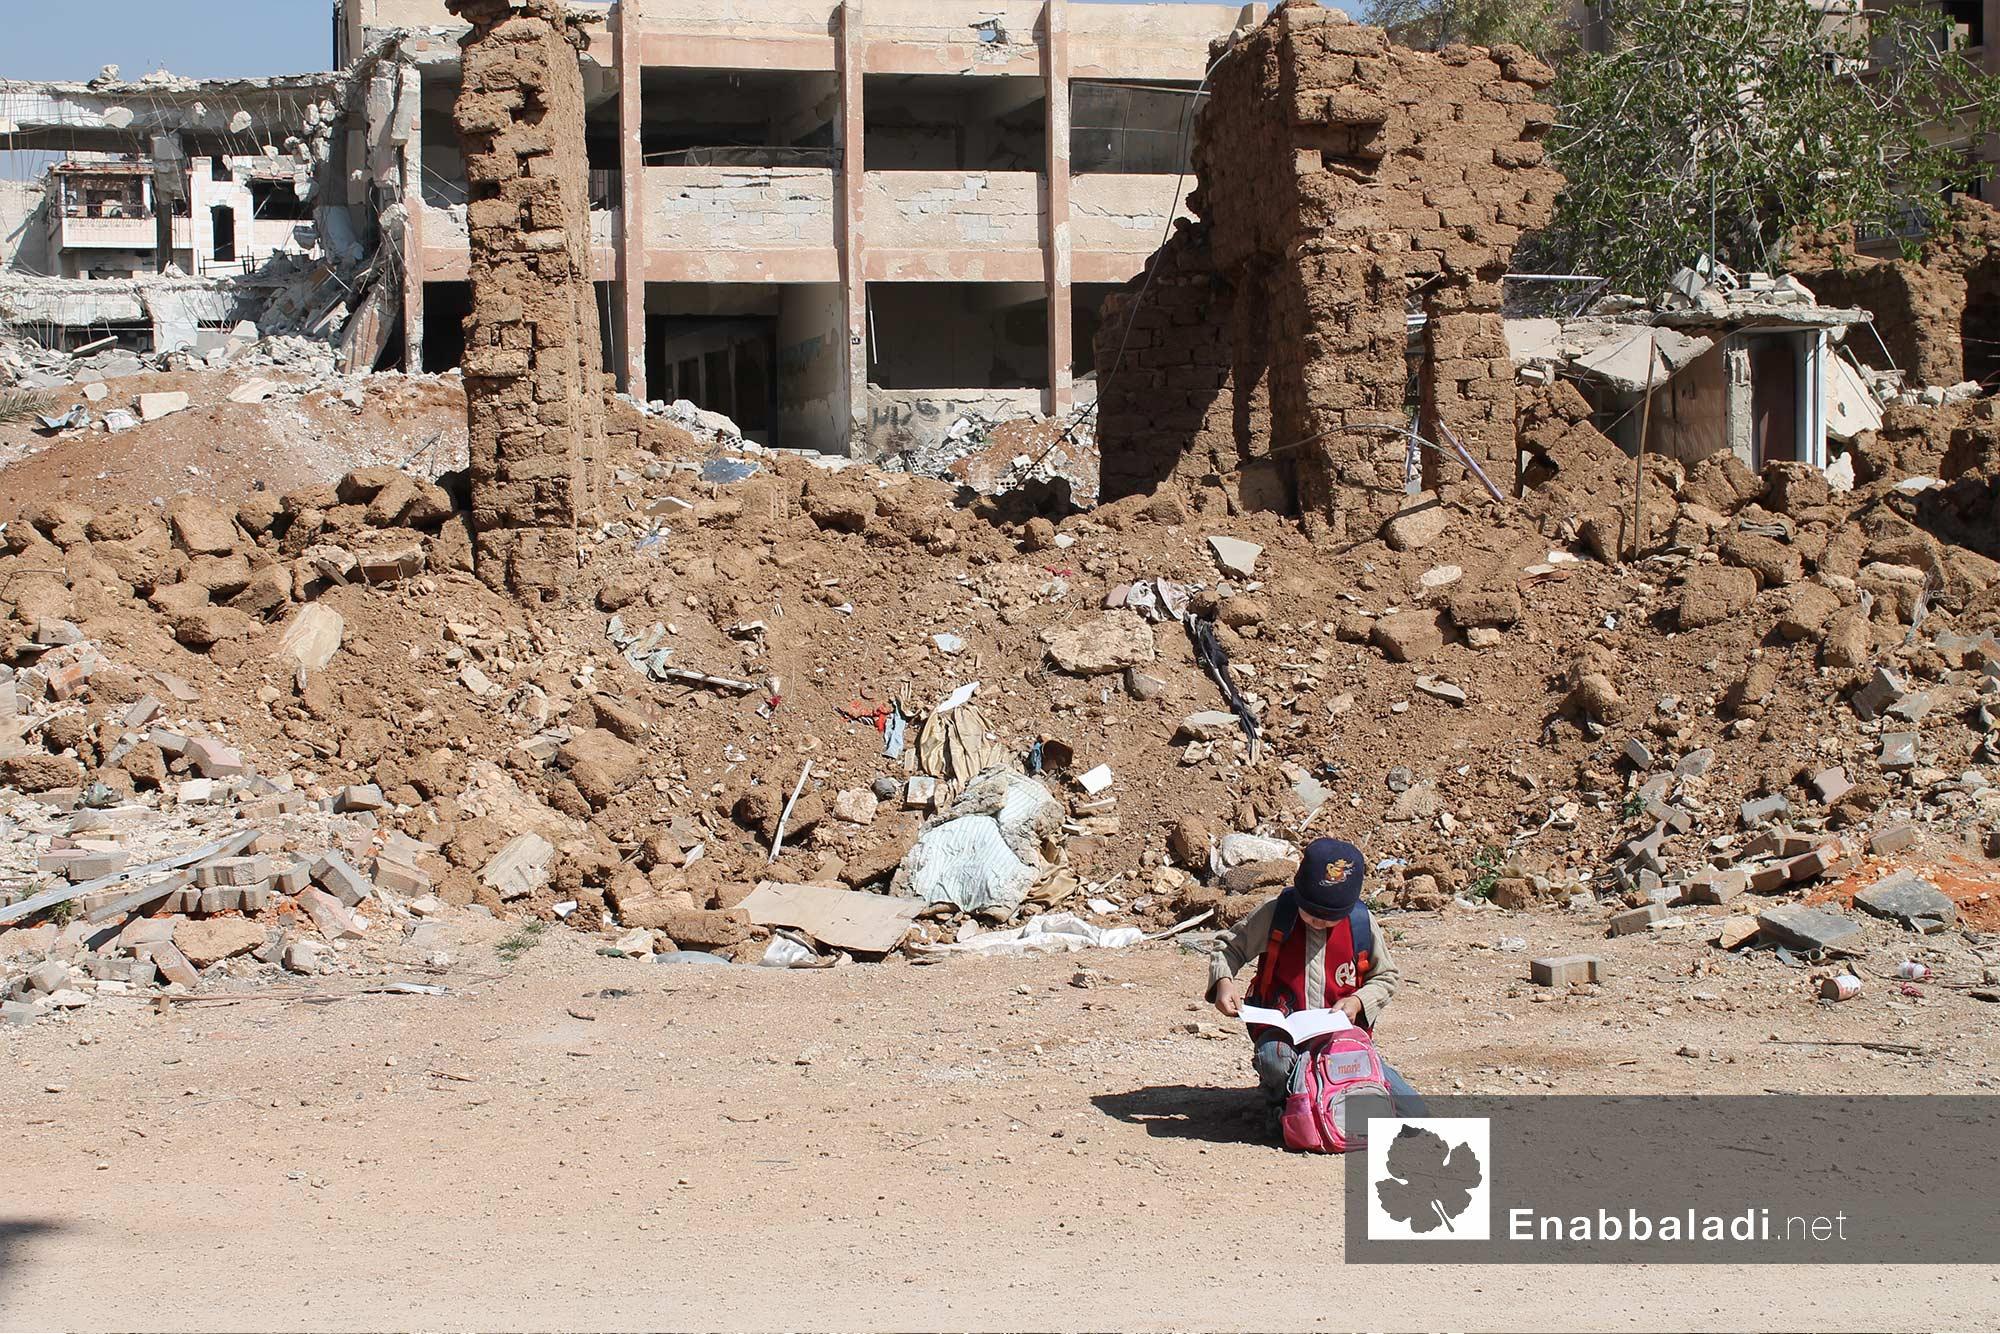 طفلة تقرأ أمام مدرسة مهدمة جراء القصف على داريا بريف دمشق- 30 آذار 2016 - (عنب بلدي)